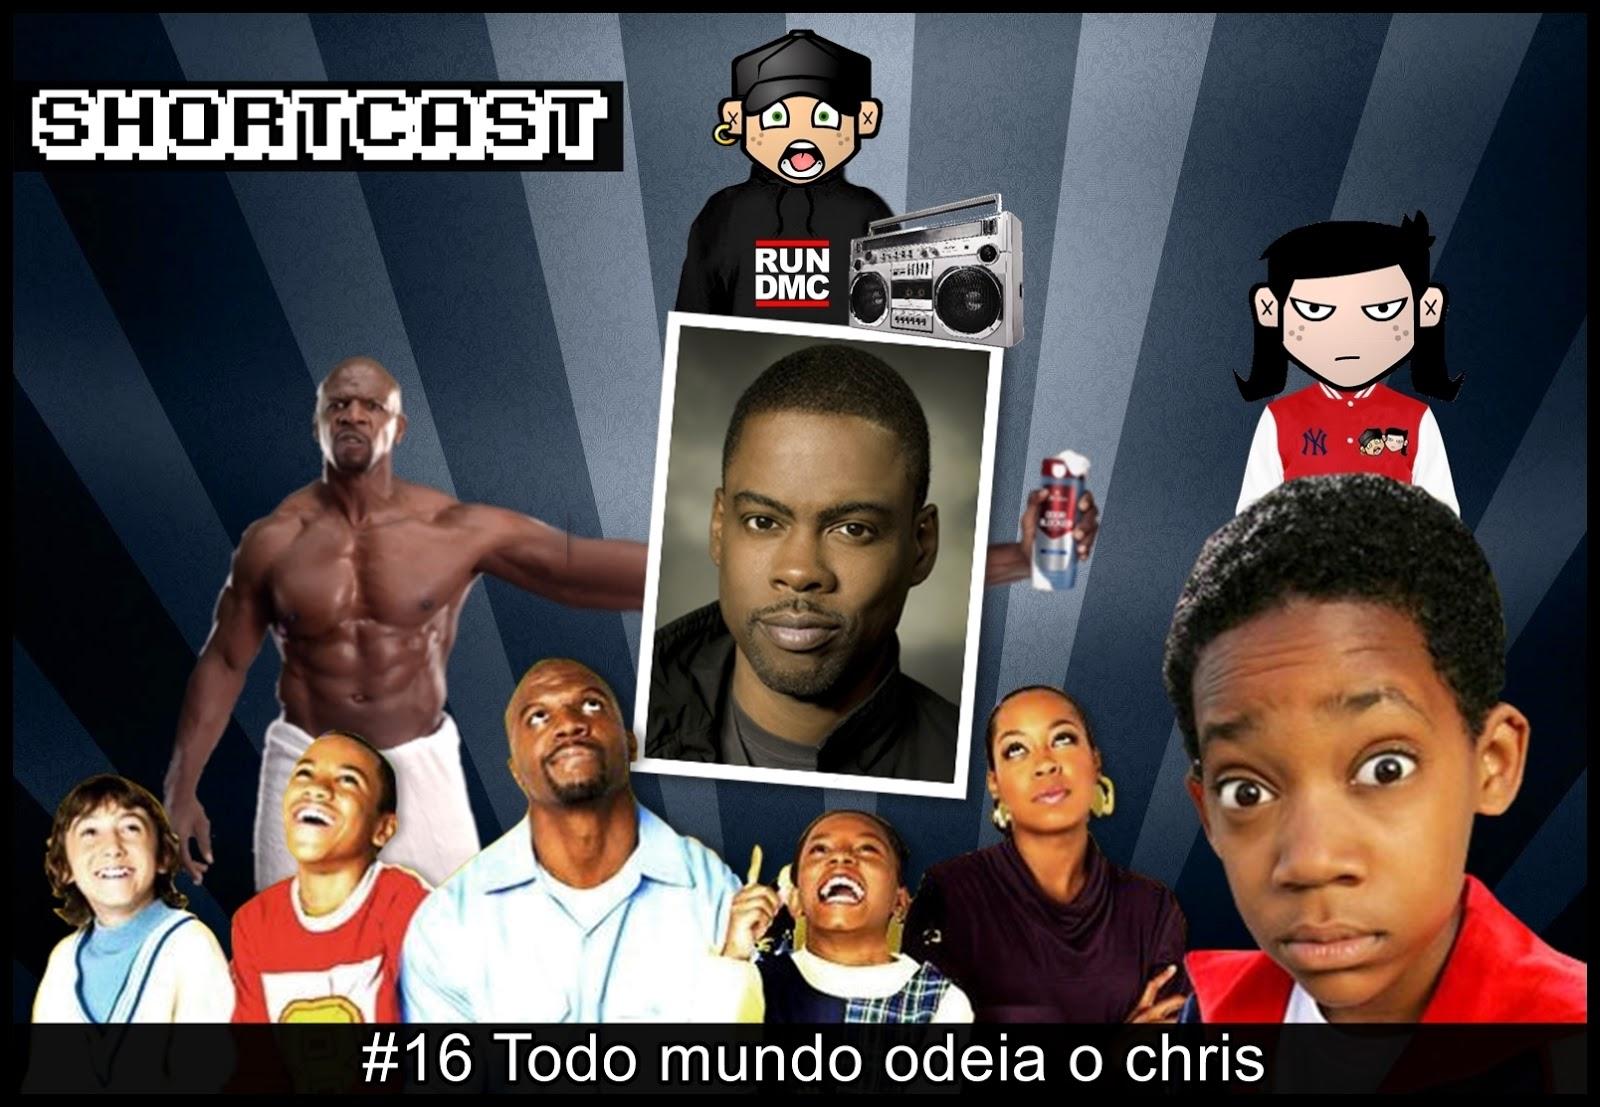 Shortcast #16 - Todo Mundo Odeia o Chris